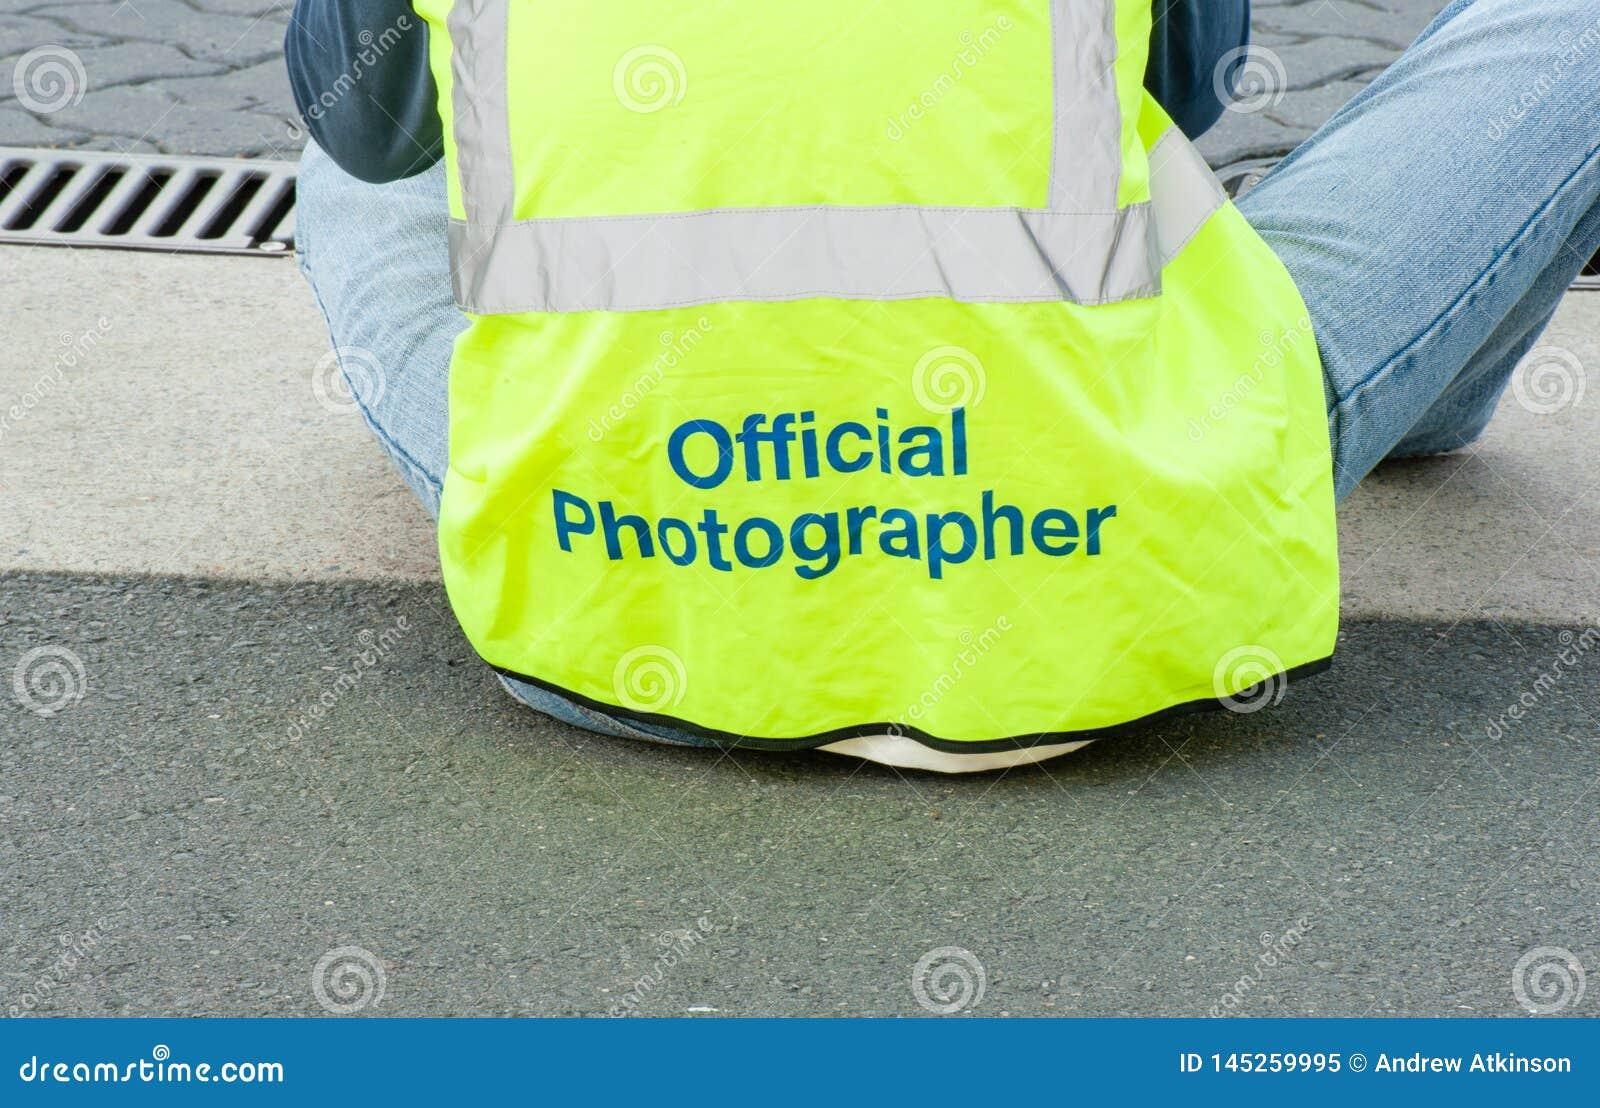 La parte posterior de una sentada oficial del fotógrafo, fotografiando un acontecimiento